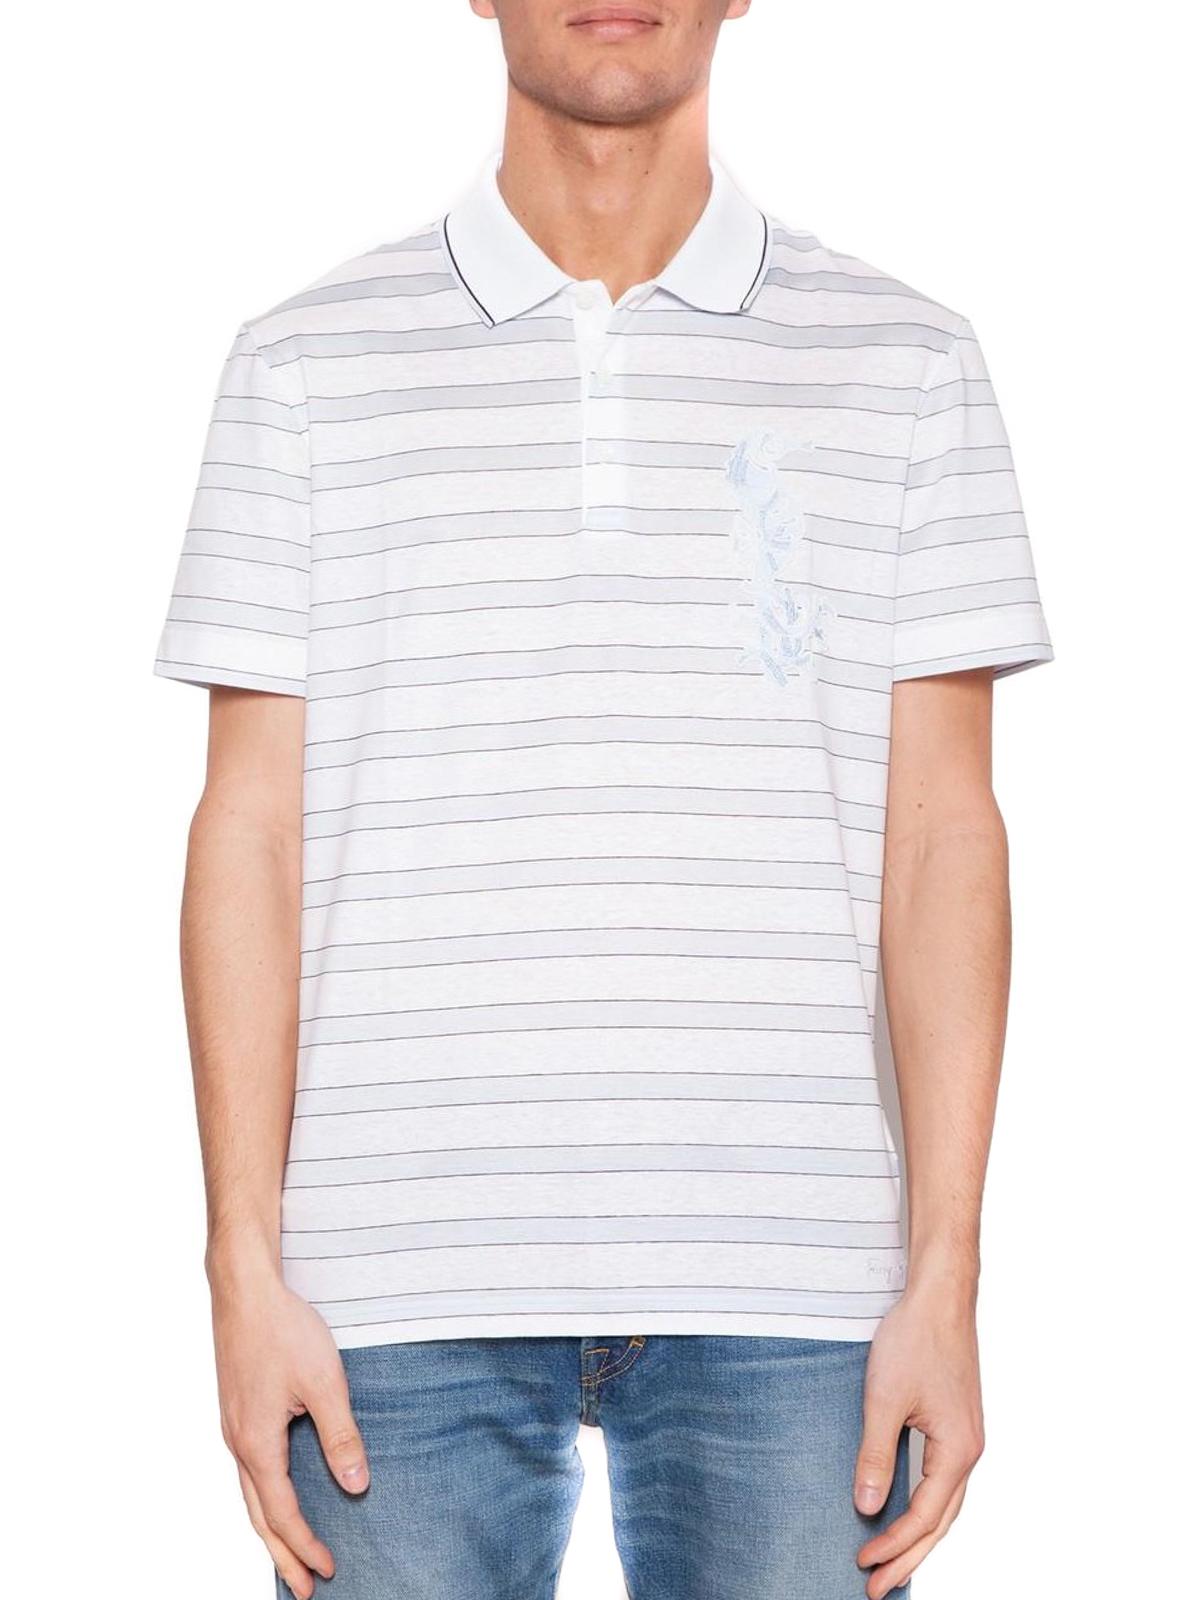 Salvatore Ferragamo Striped Cotton And Linen Polo Shirt Polo